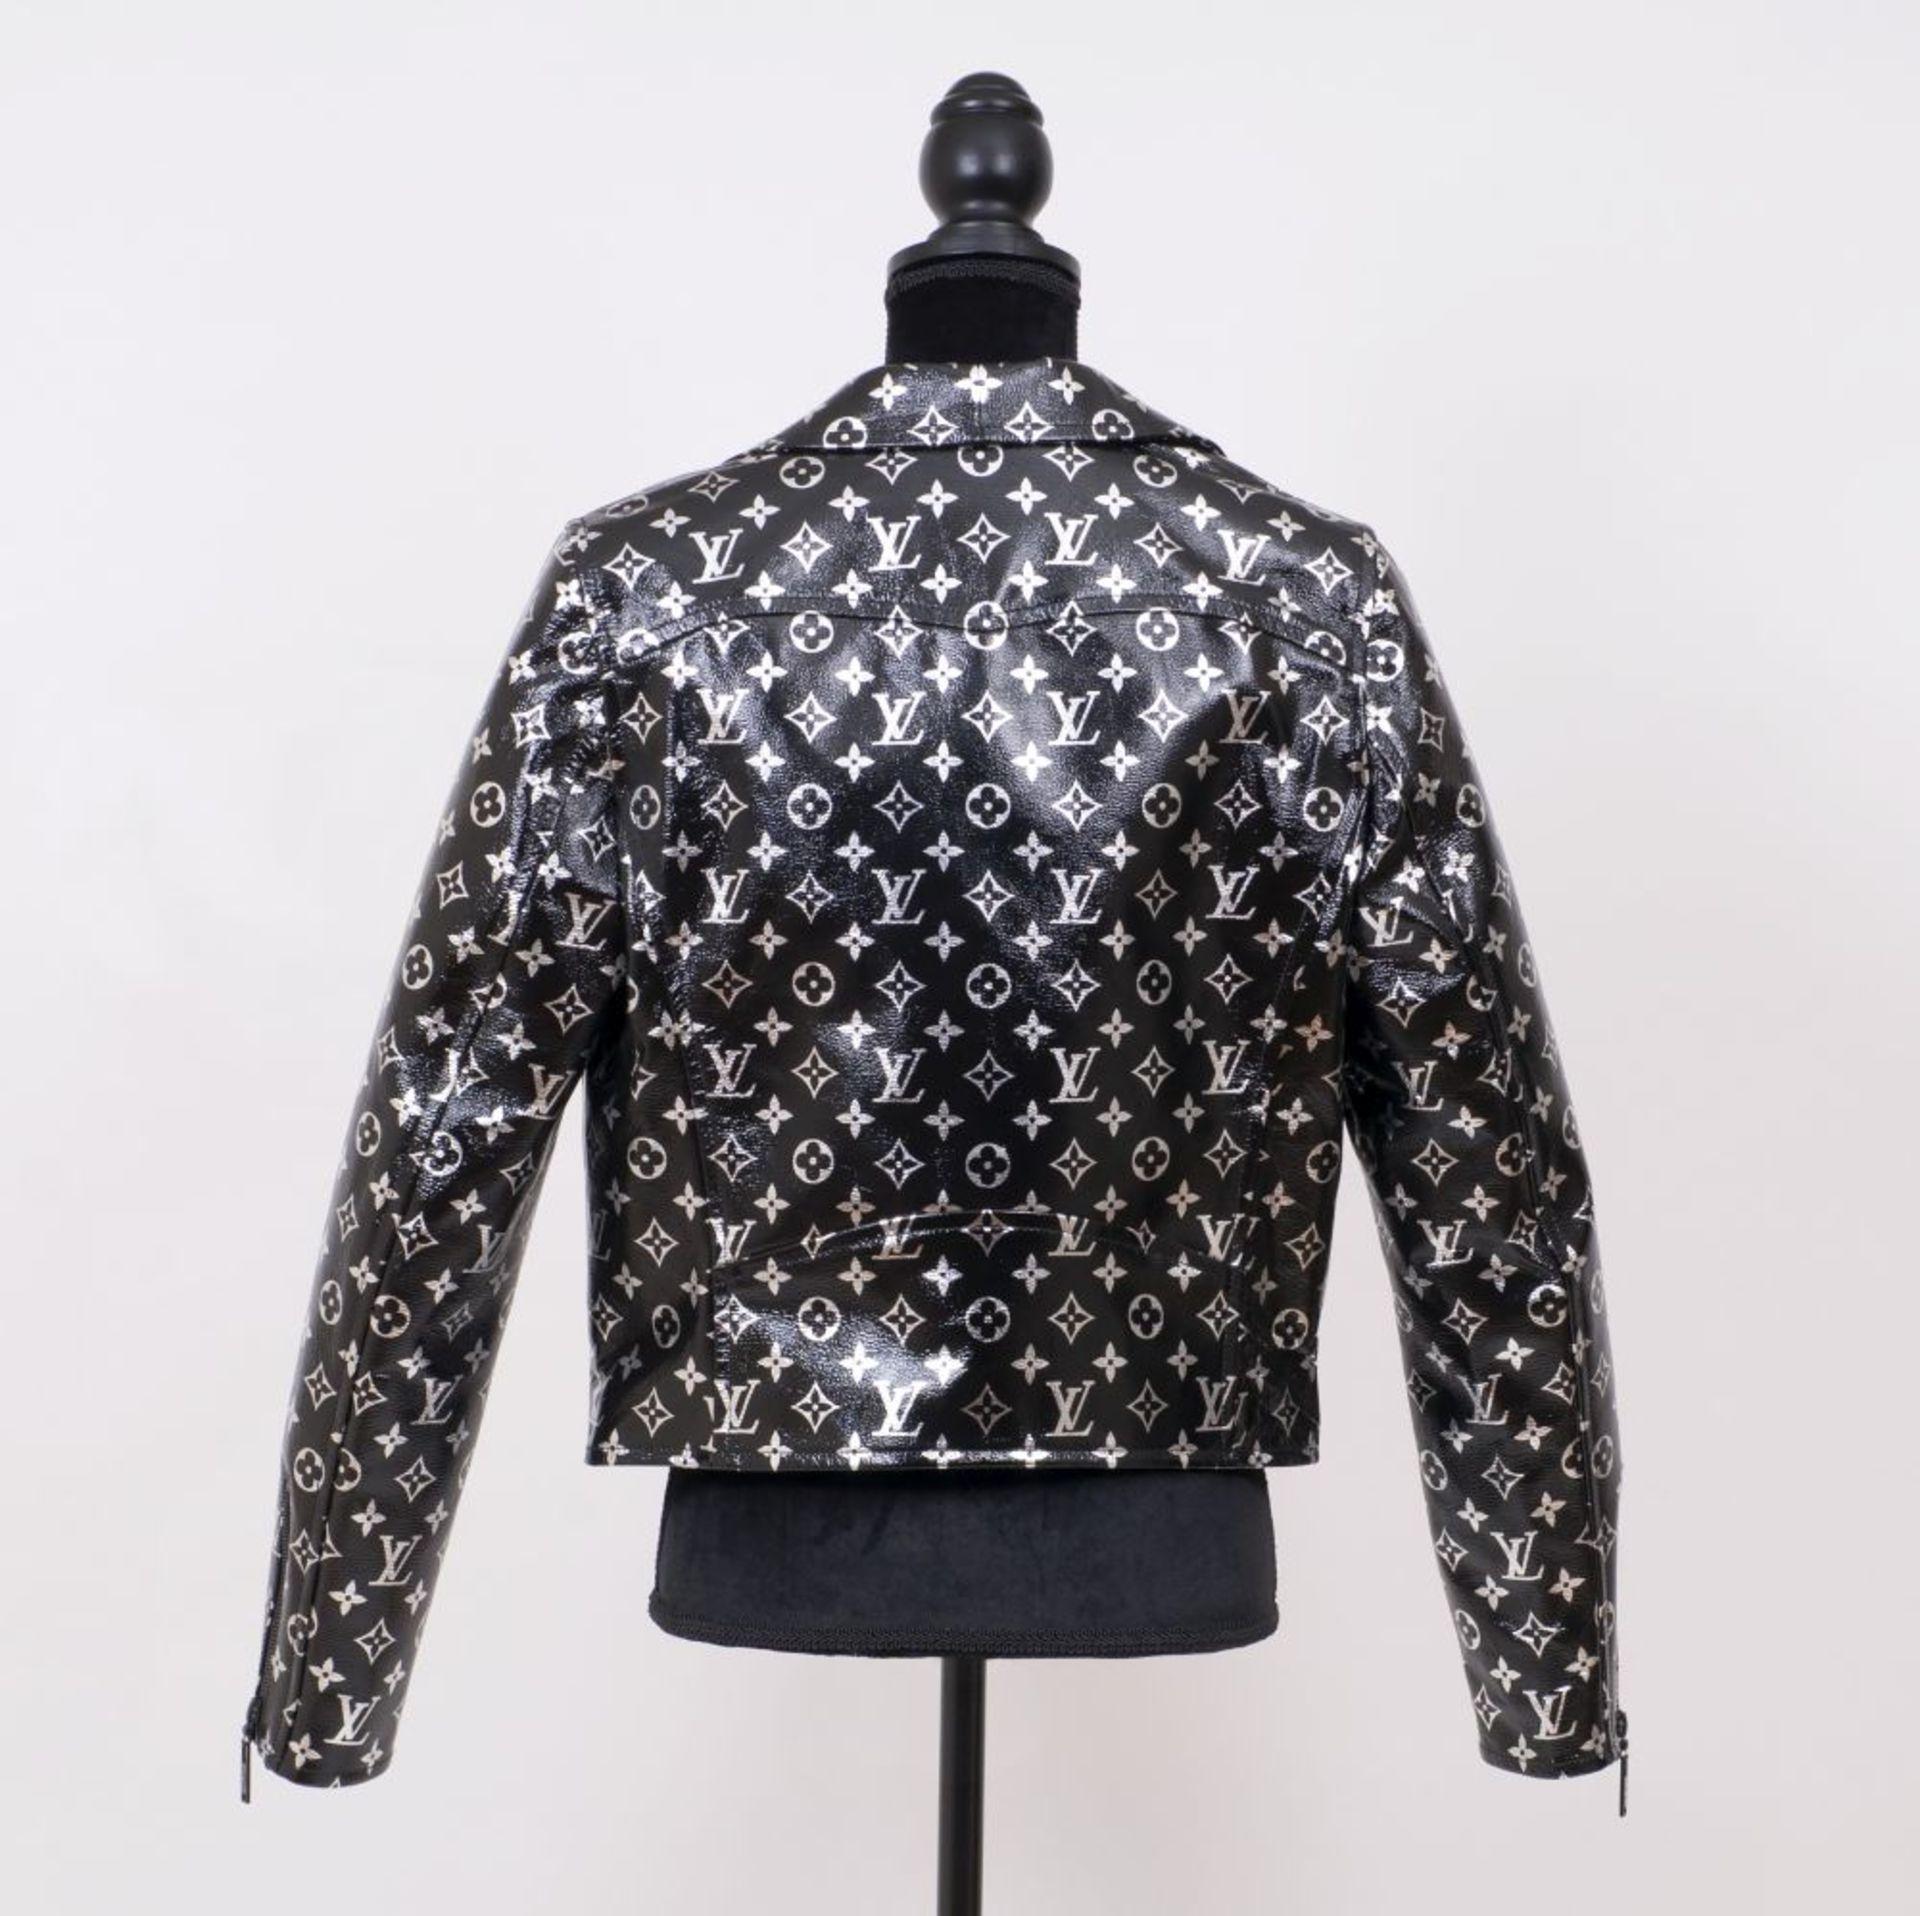 Louis Vuitton. Monogram Printed Biker Jacket. - Image 2 of 2